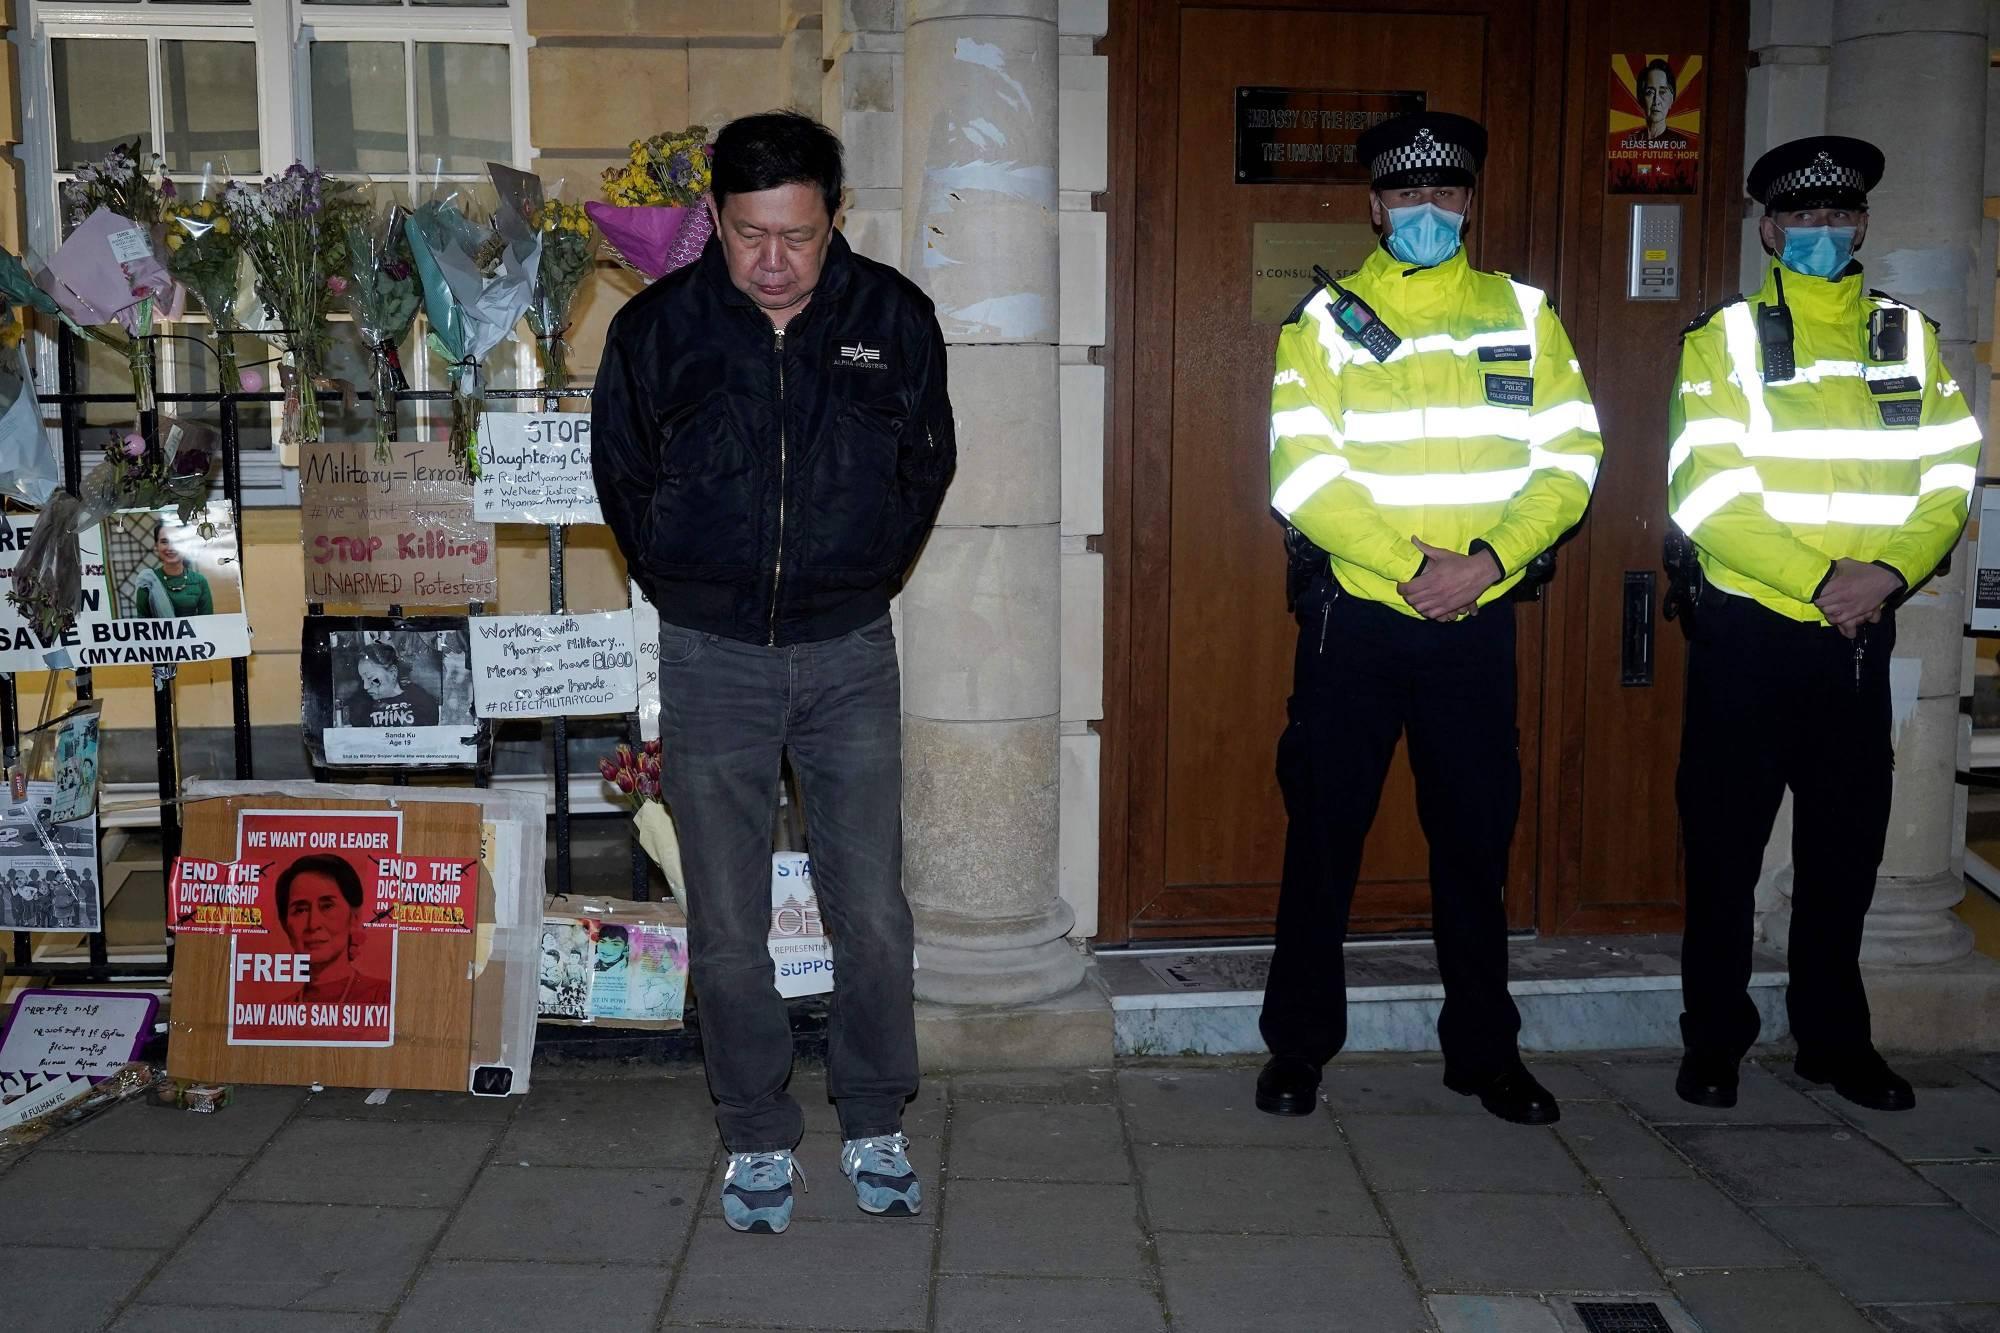 位于伦敦的缅甸驻英大使馆周遭目前有警员在场戒备,觉扎敏(左)在大使馆外不得其门而入。-法新社-